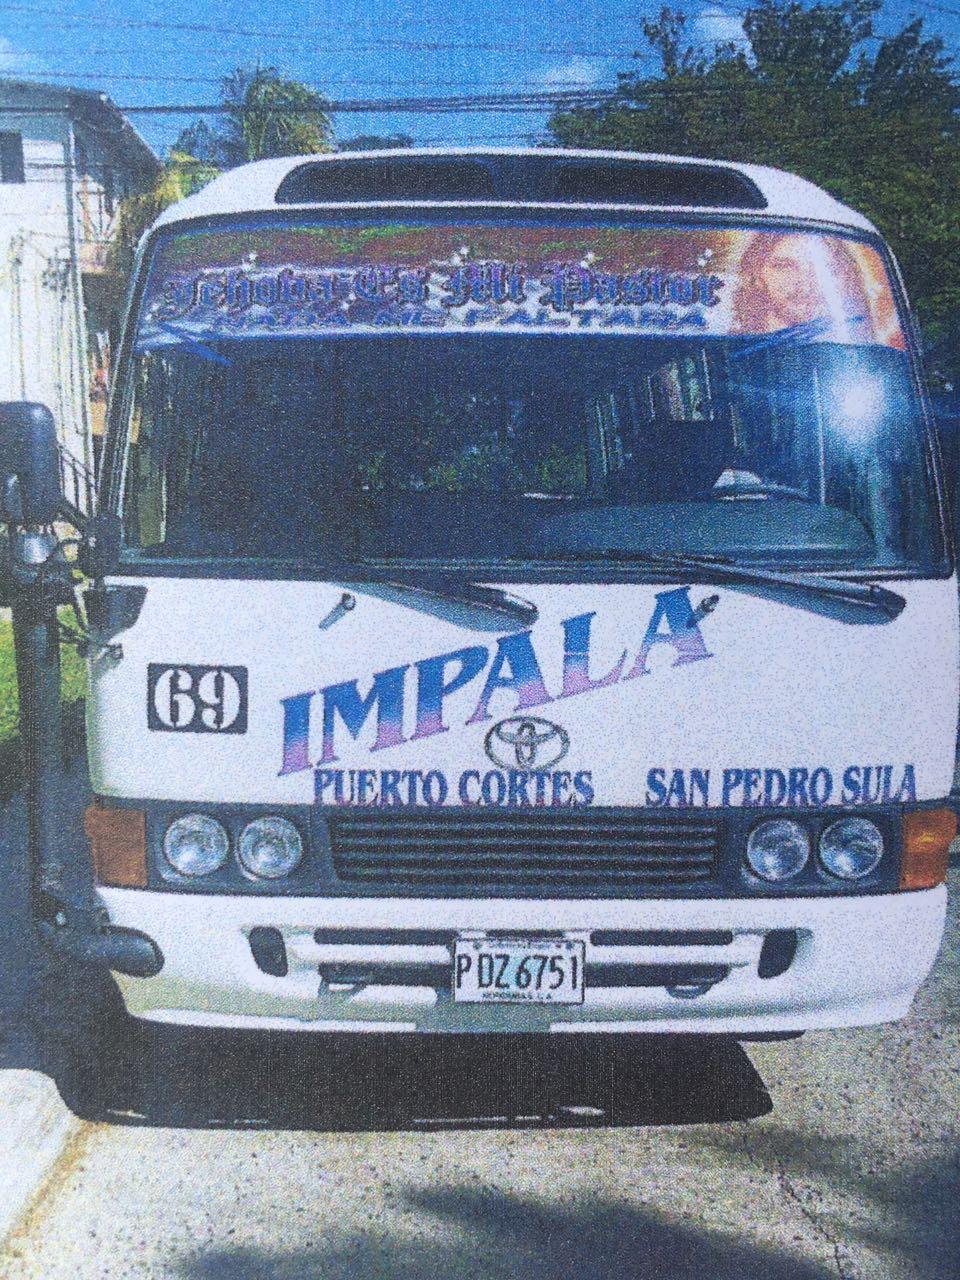 secuestro de bus IMPALA